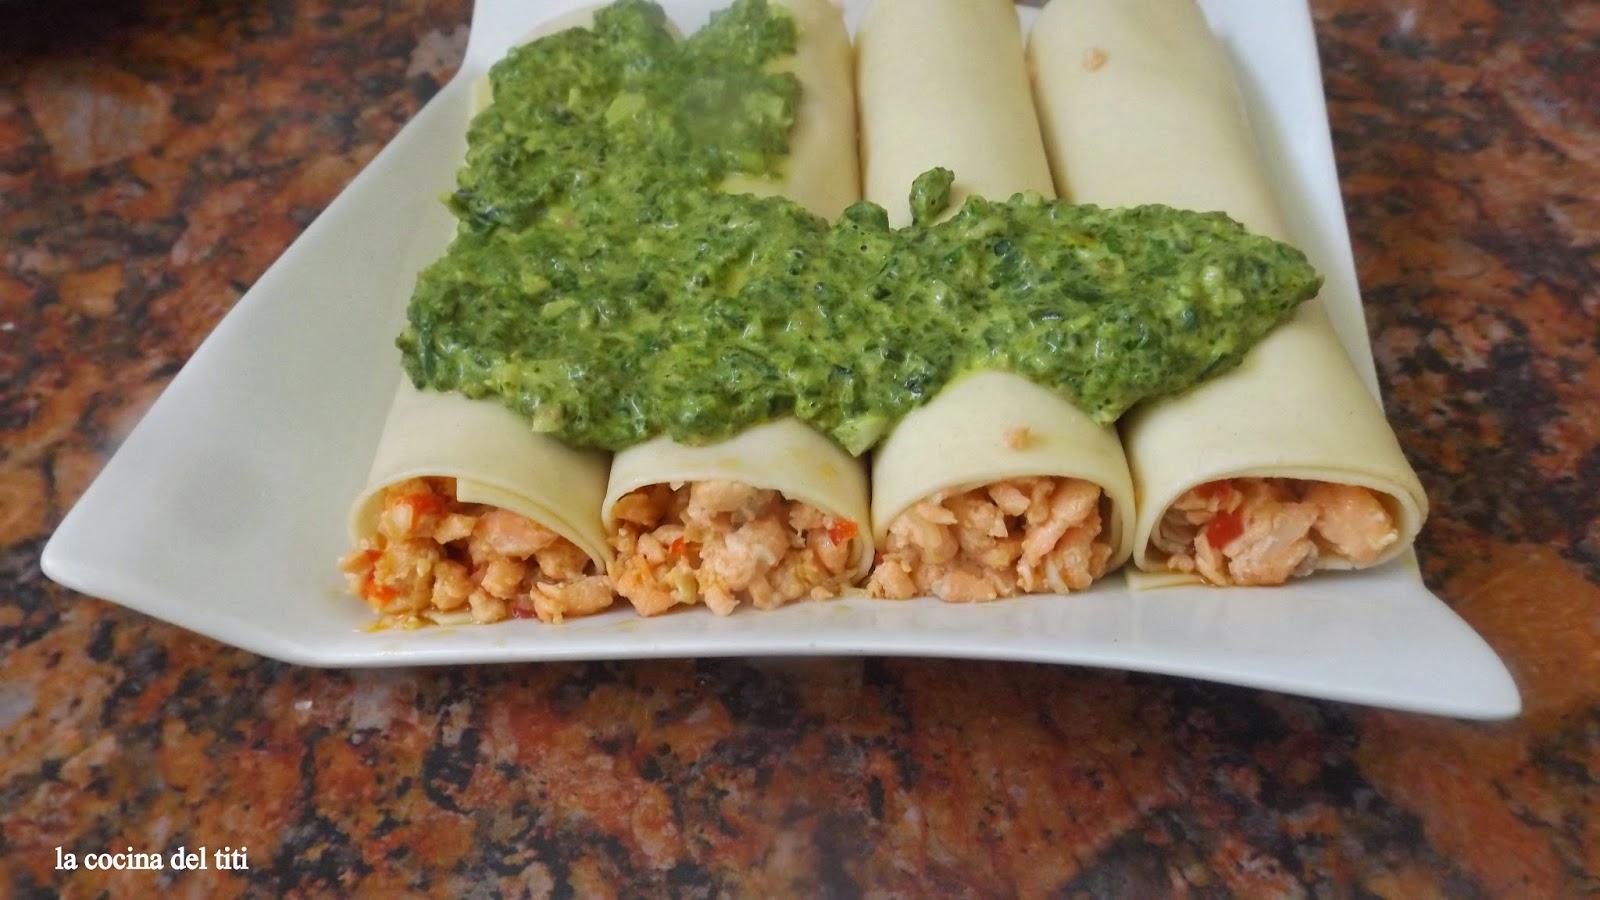 Canelones de salmon con crema de espinaca la cocina del titi - Canelones en microondas ...